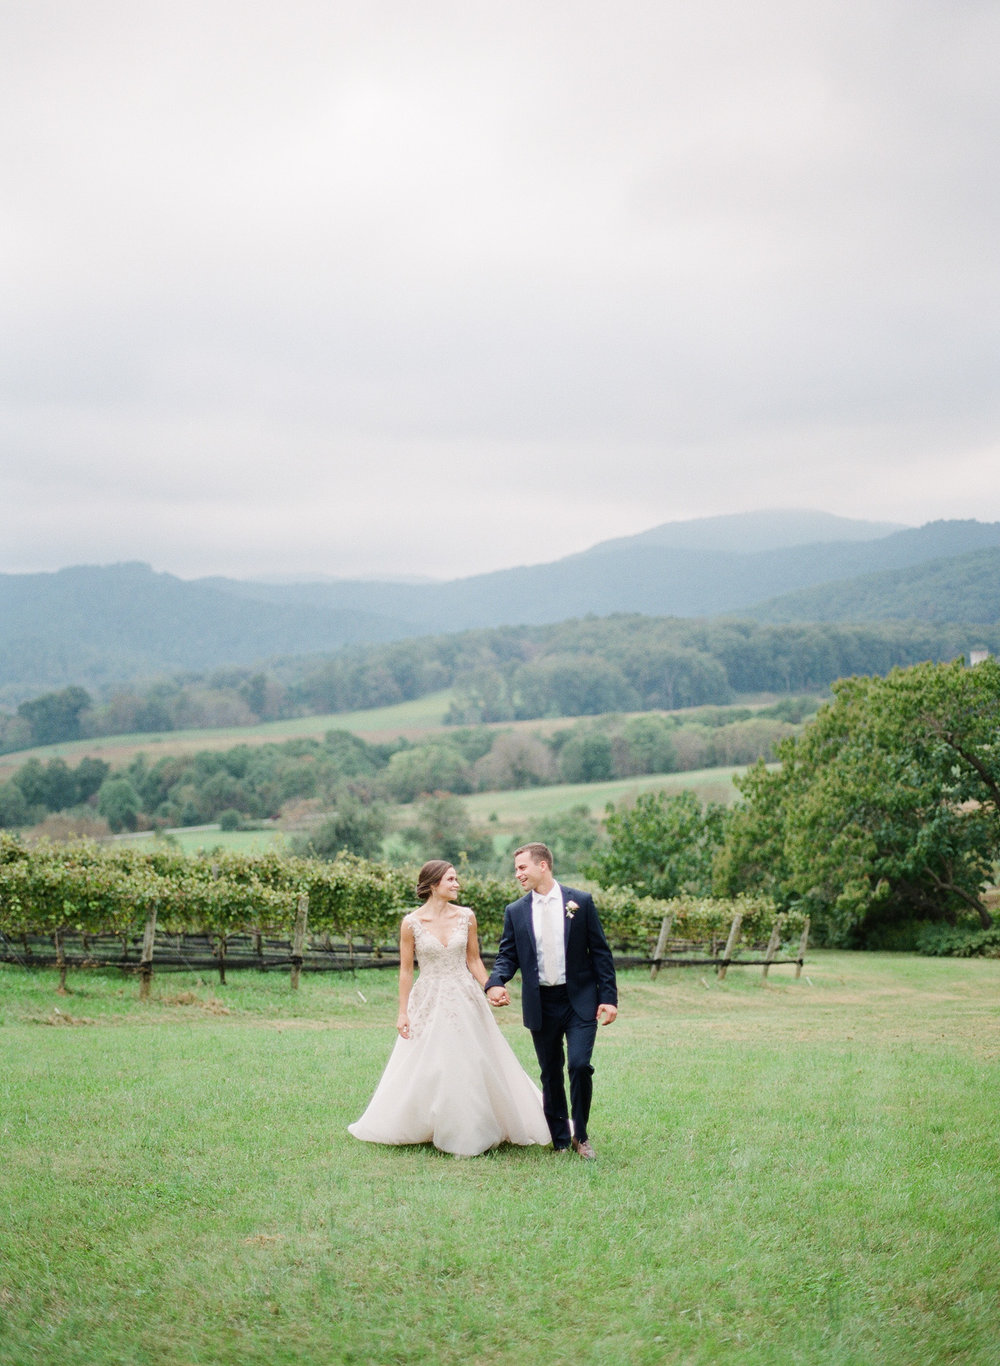 Nina & Brett - Pippin Hill Farm and Vineyards, VA